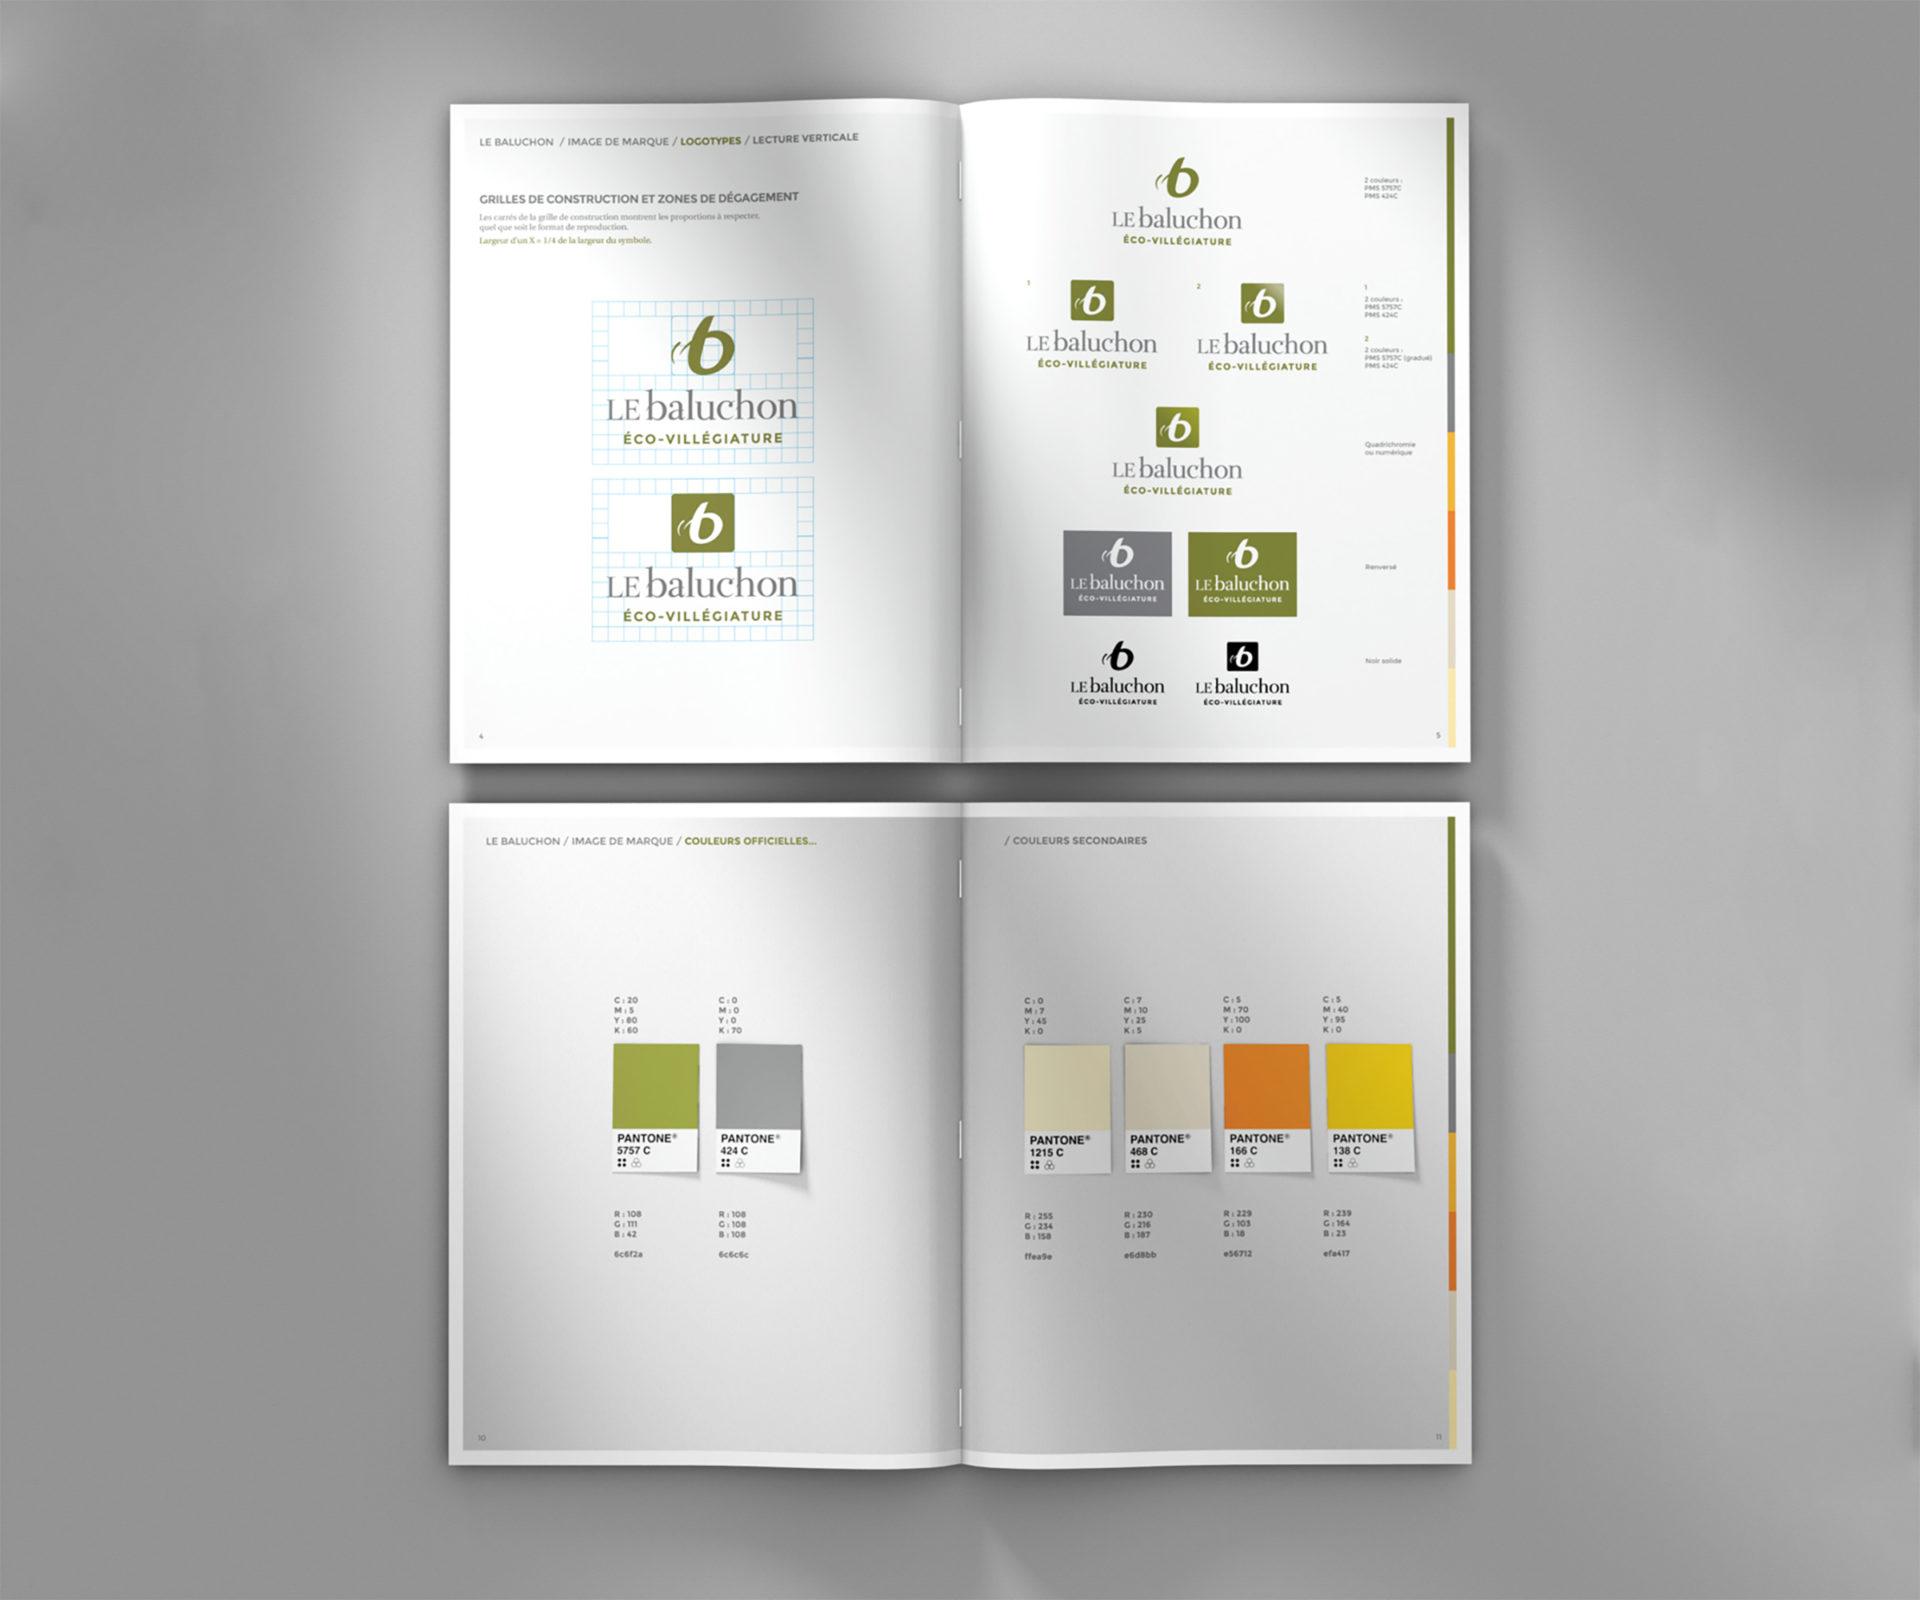 Baluchon_cahier des normes3_sc copy